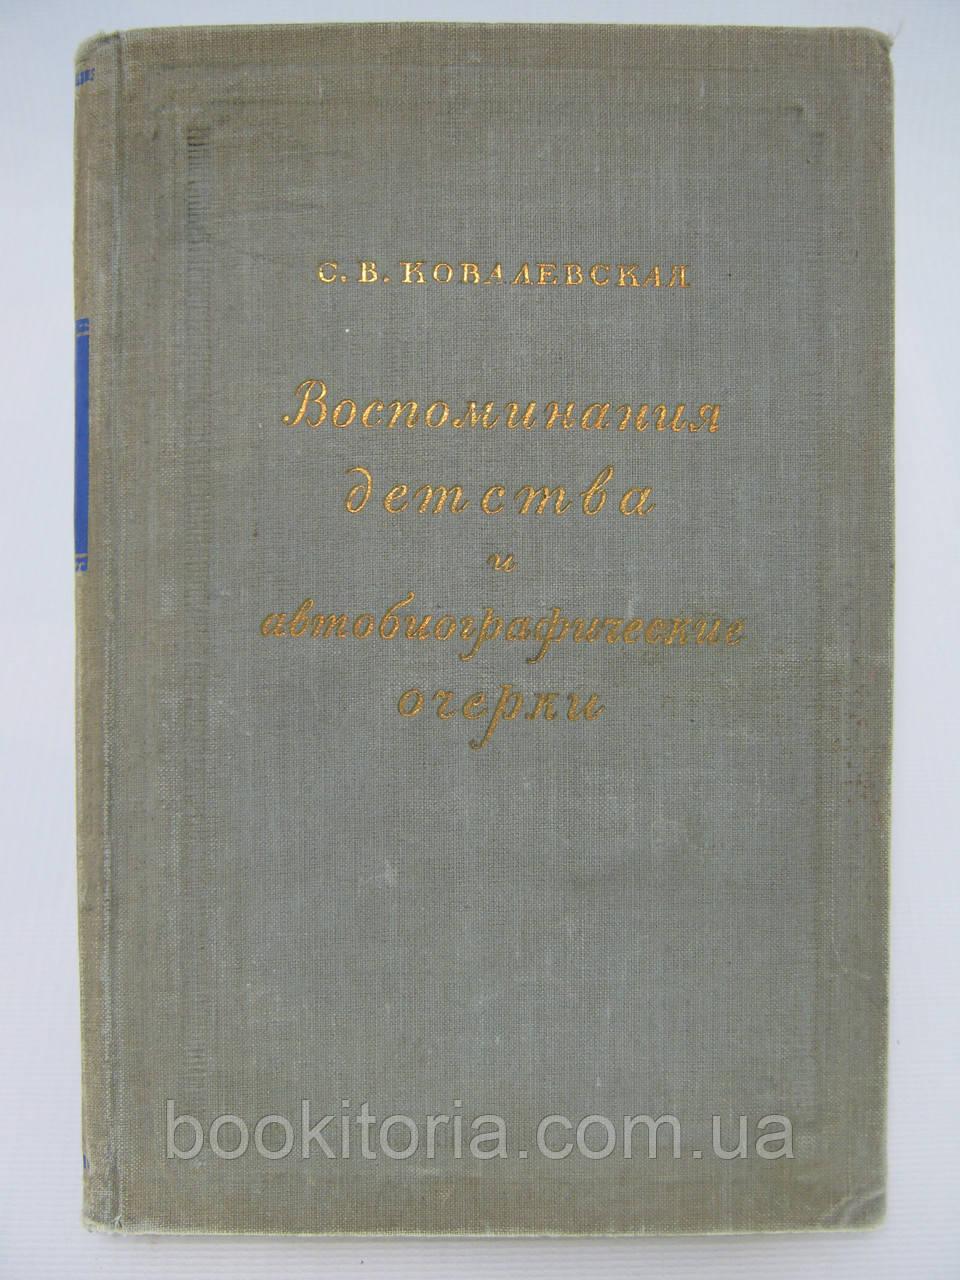 Ковалевская С.В. Воспоминания детства и автобиографические очерки (б/у).